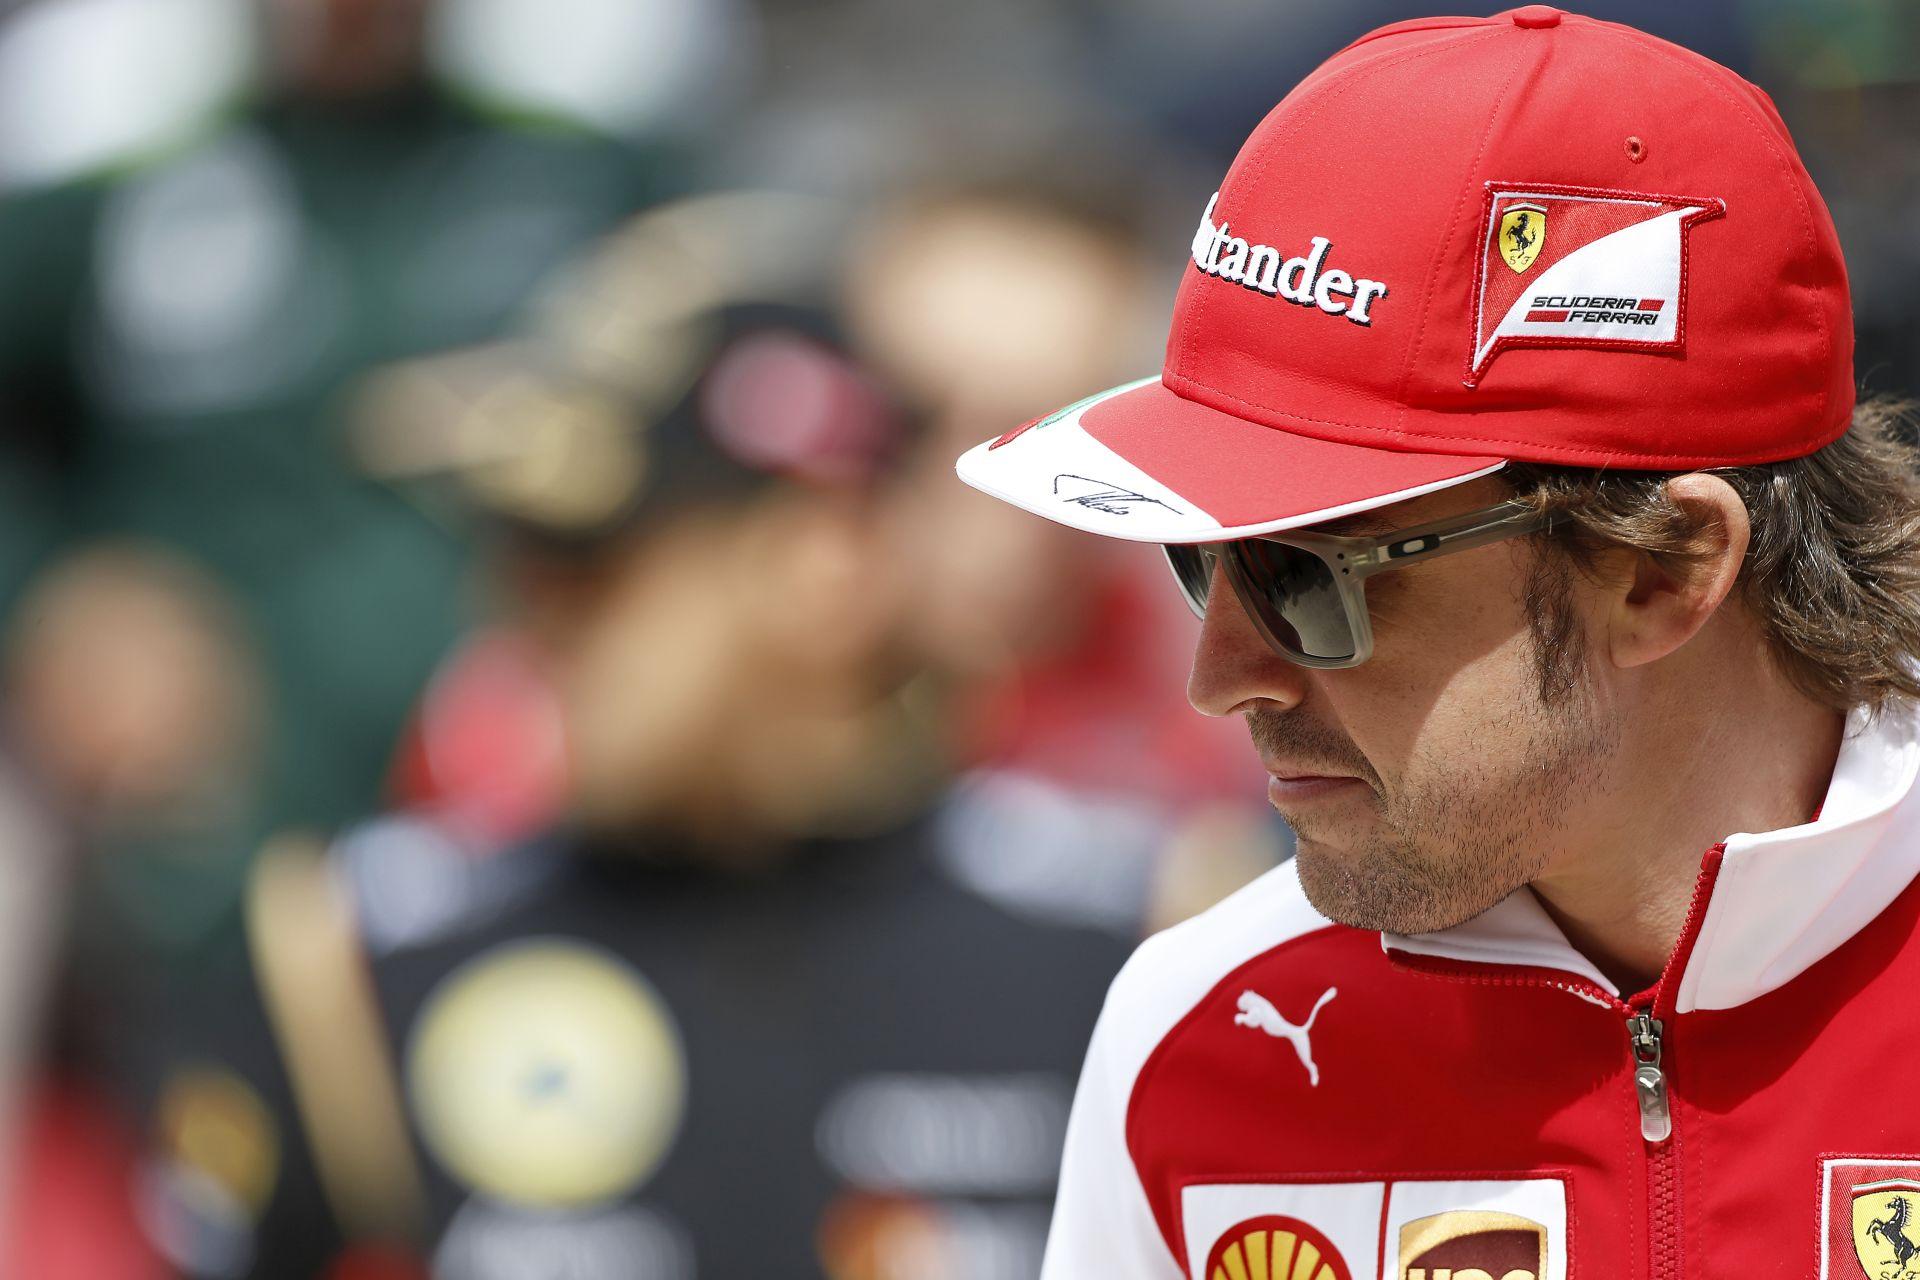 Levezető kör: Alonso és Vettel egyszerre volt iszonyat kemény férfi és kislány a zongoránál